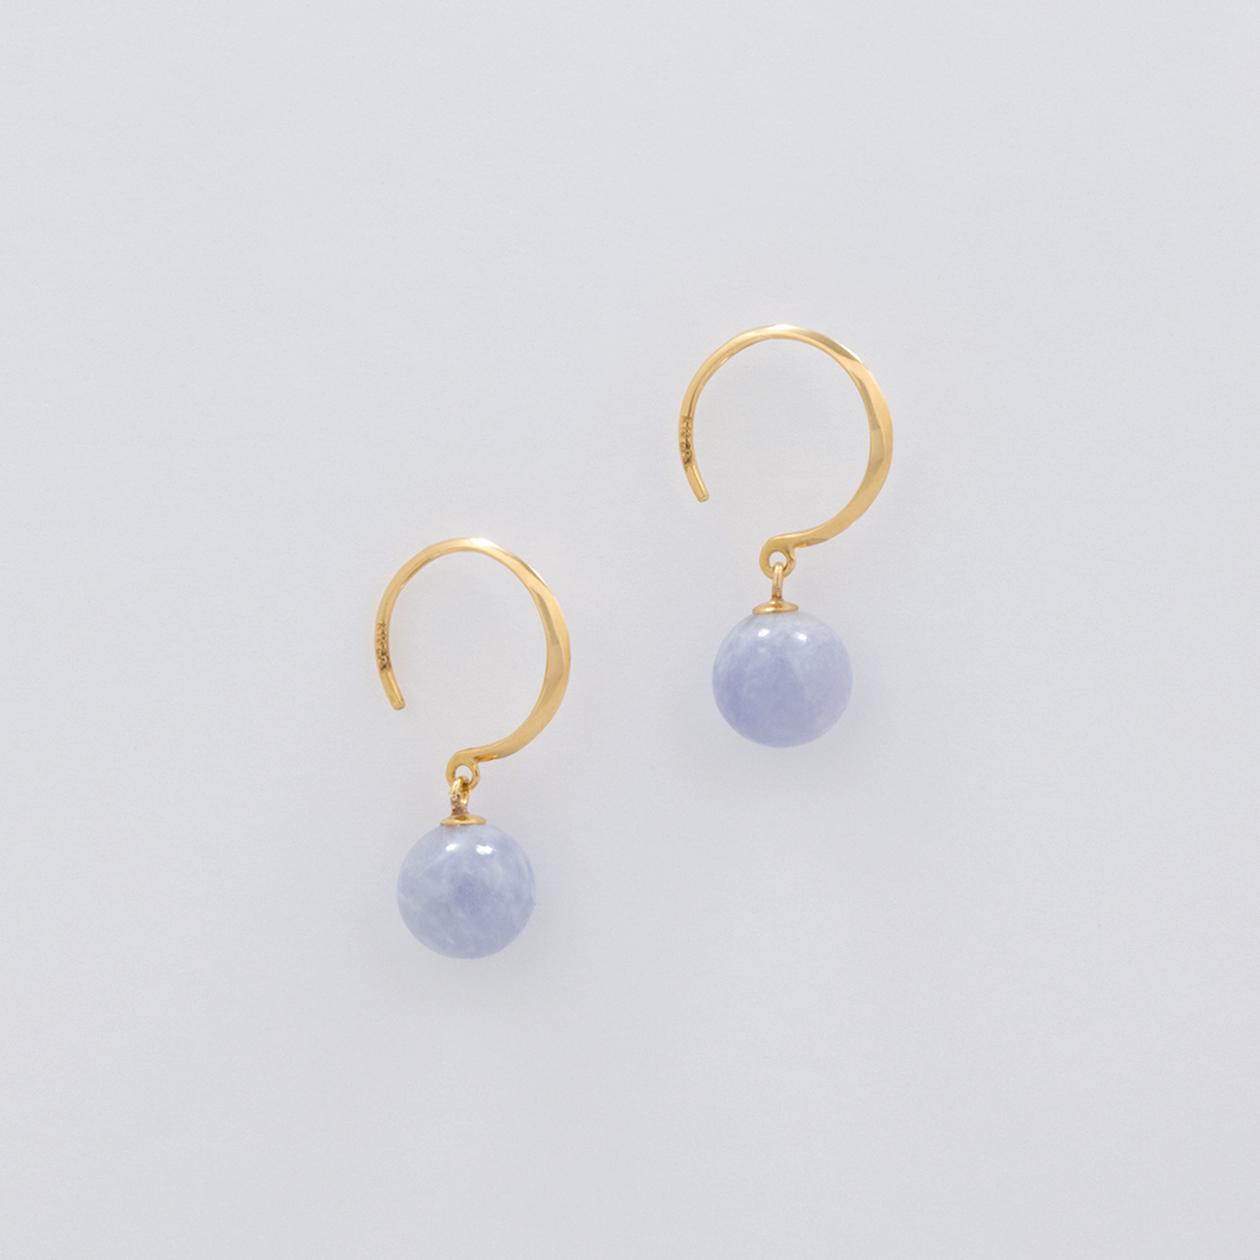 TAMA / Hook Earrings